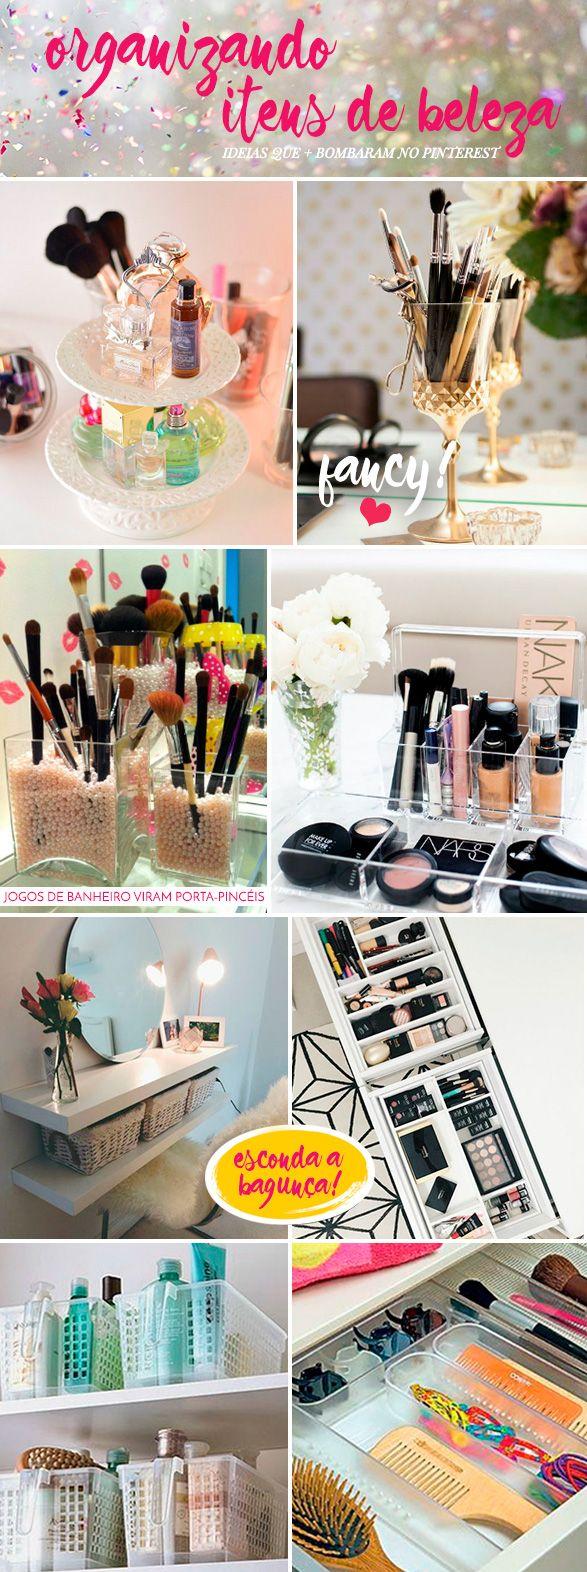 Confira quais são os melhores truques de organização para os seus acessórios e produtos de beleza! super simples e fáceis de fazer